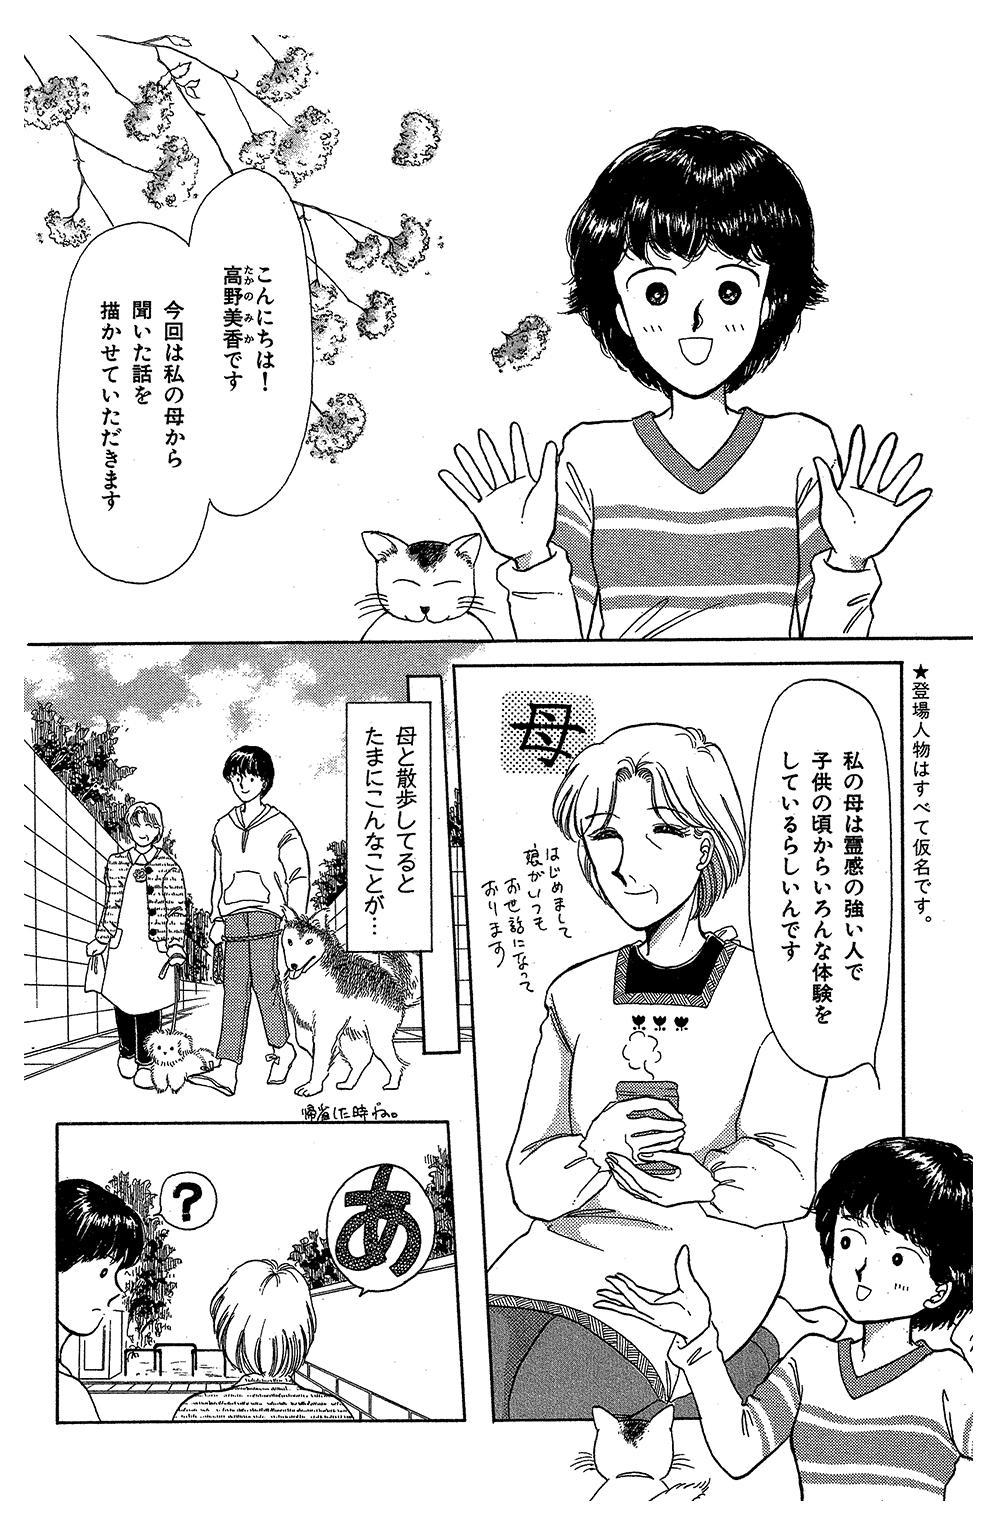 霊感ママシリーズ 第1話「花の陰影」①reikan02.jpg